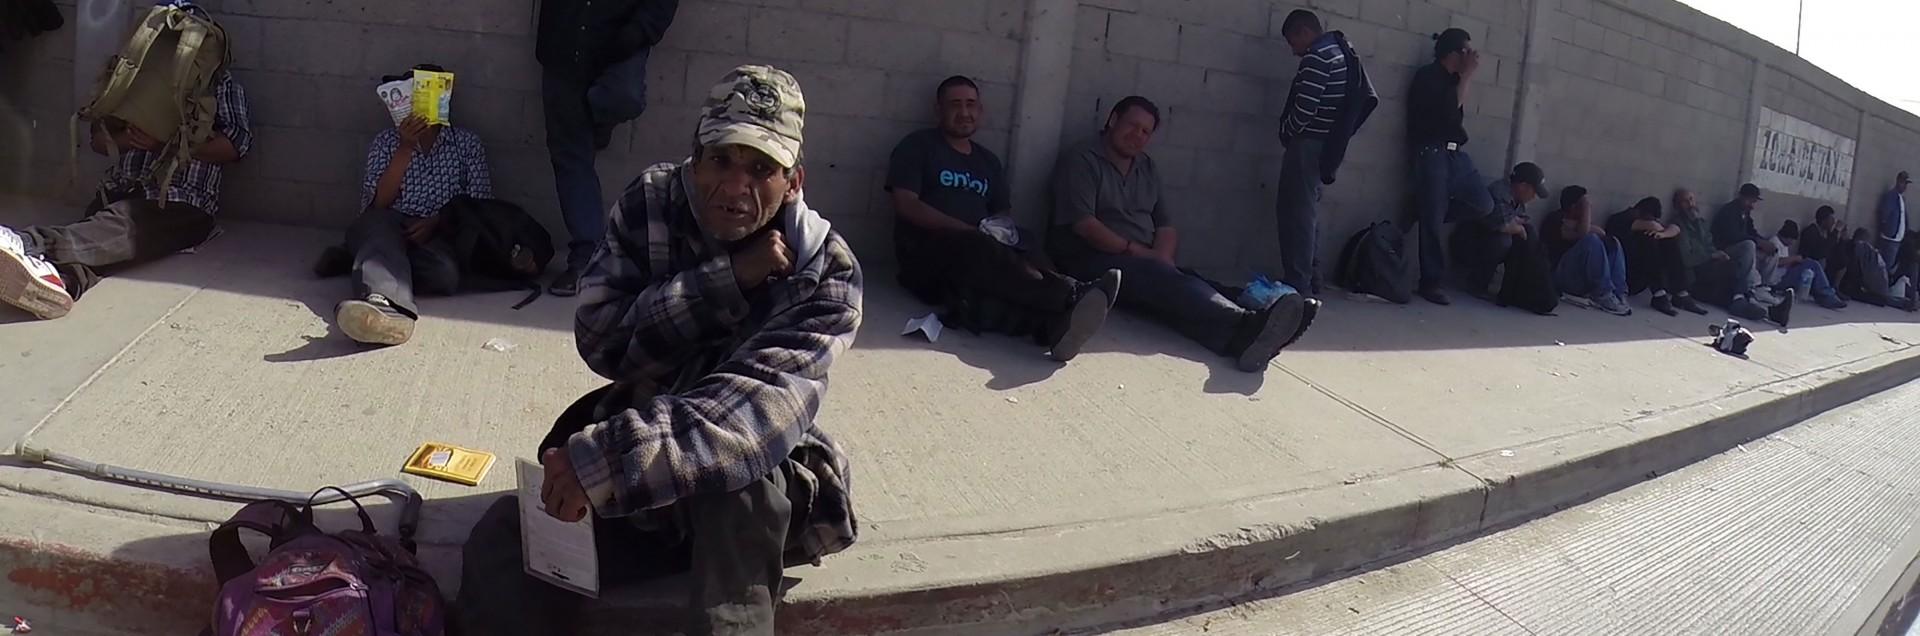 Tra i trafficanti della morte messicani